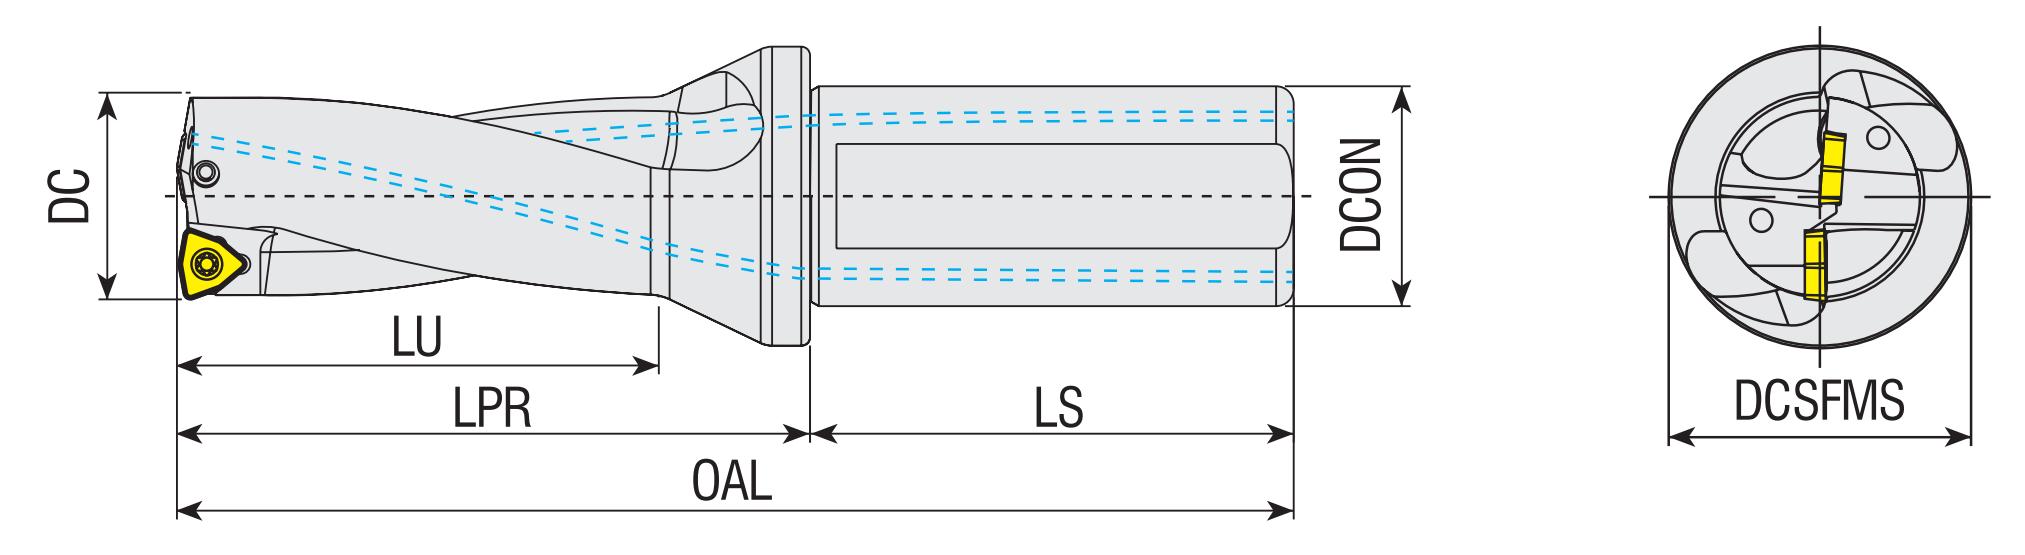 Vollbohrer 3xD mit Innenkühlung für WCMT